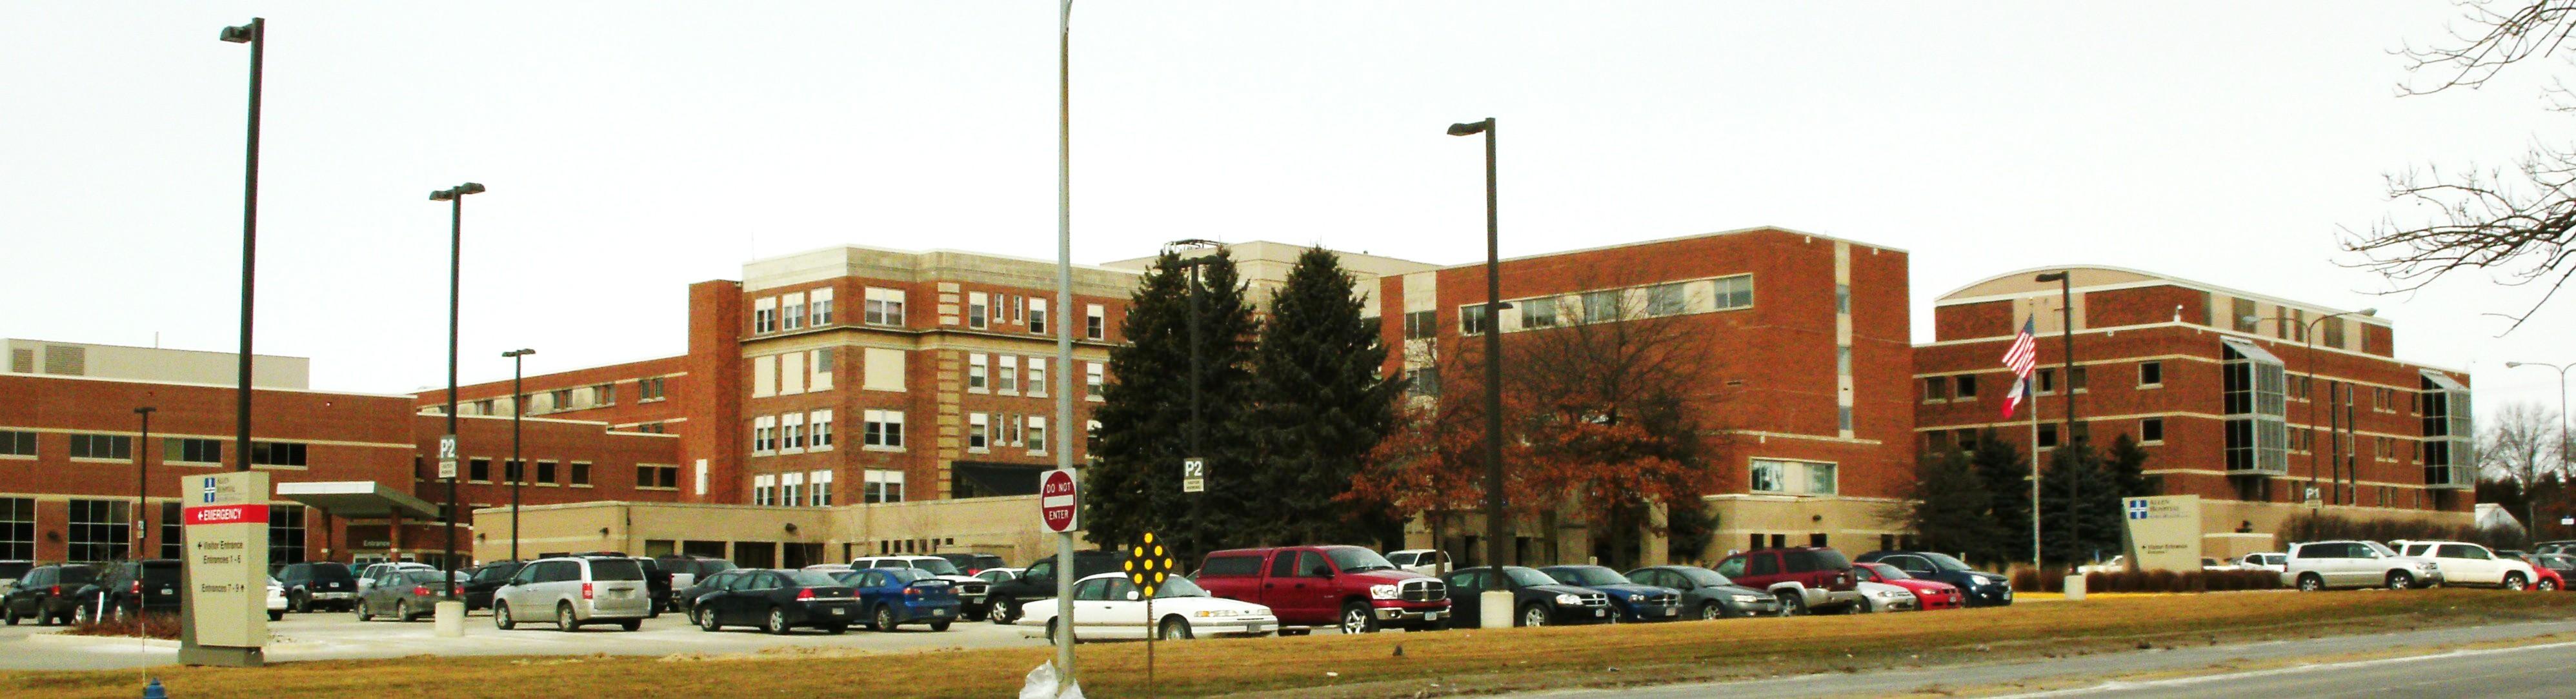 allen-hospital